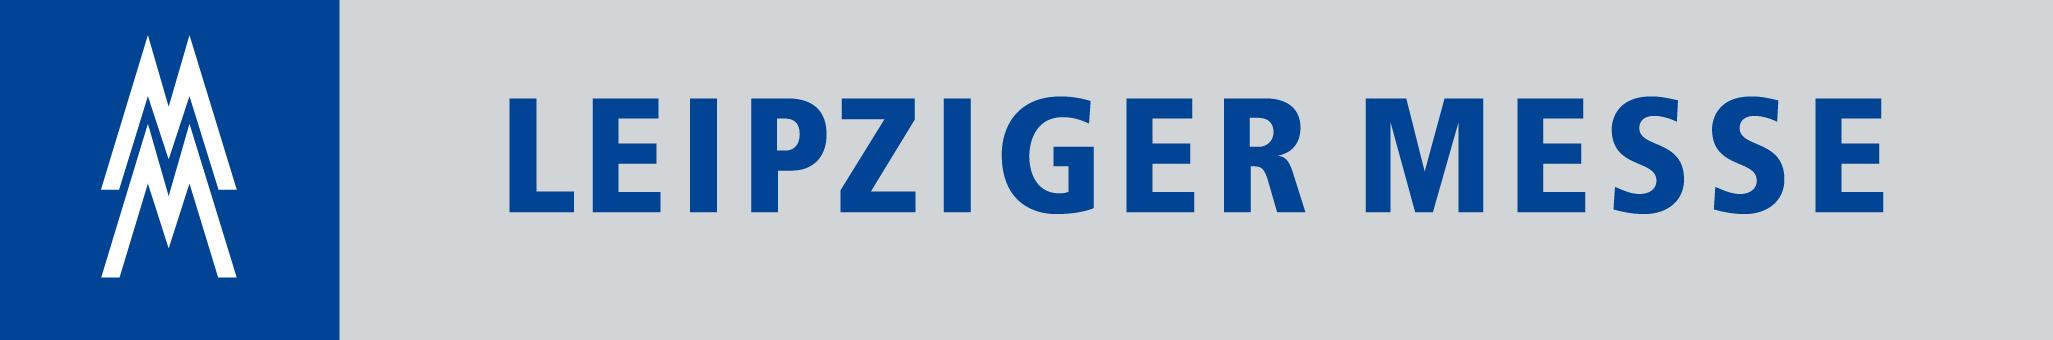 Autogas / LPG / Flüssiggas | Foto: AMI Auto Mobil International 2014 auf der Leipziger Messe